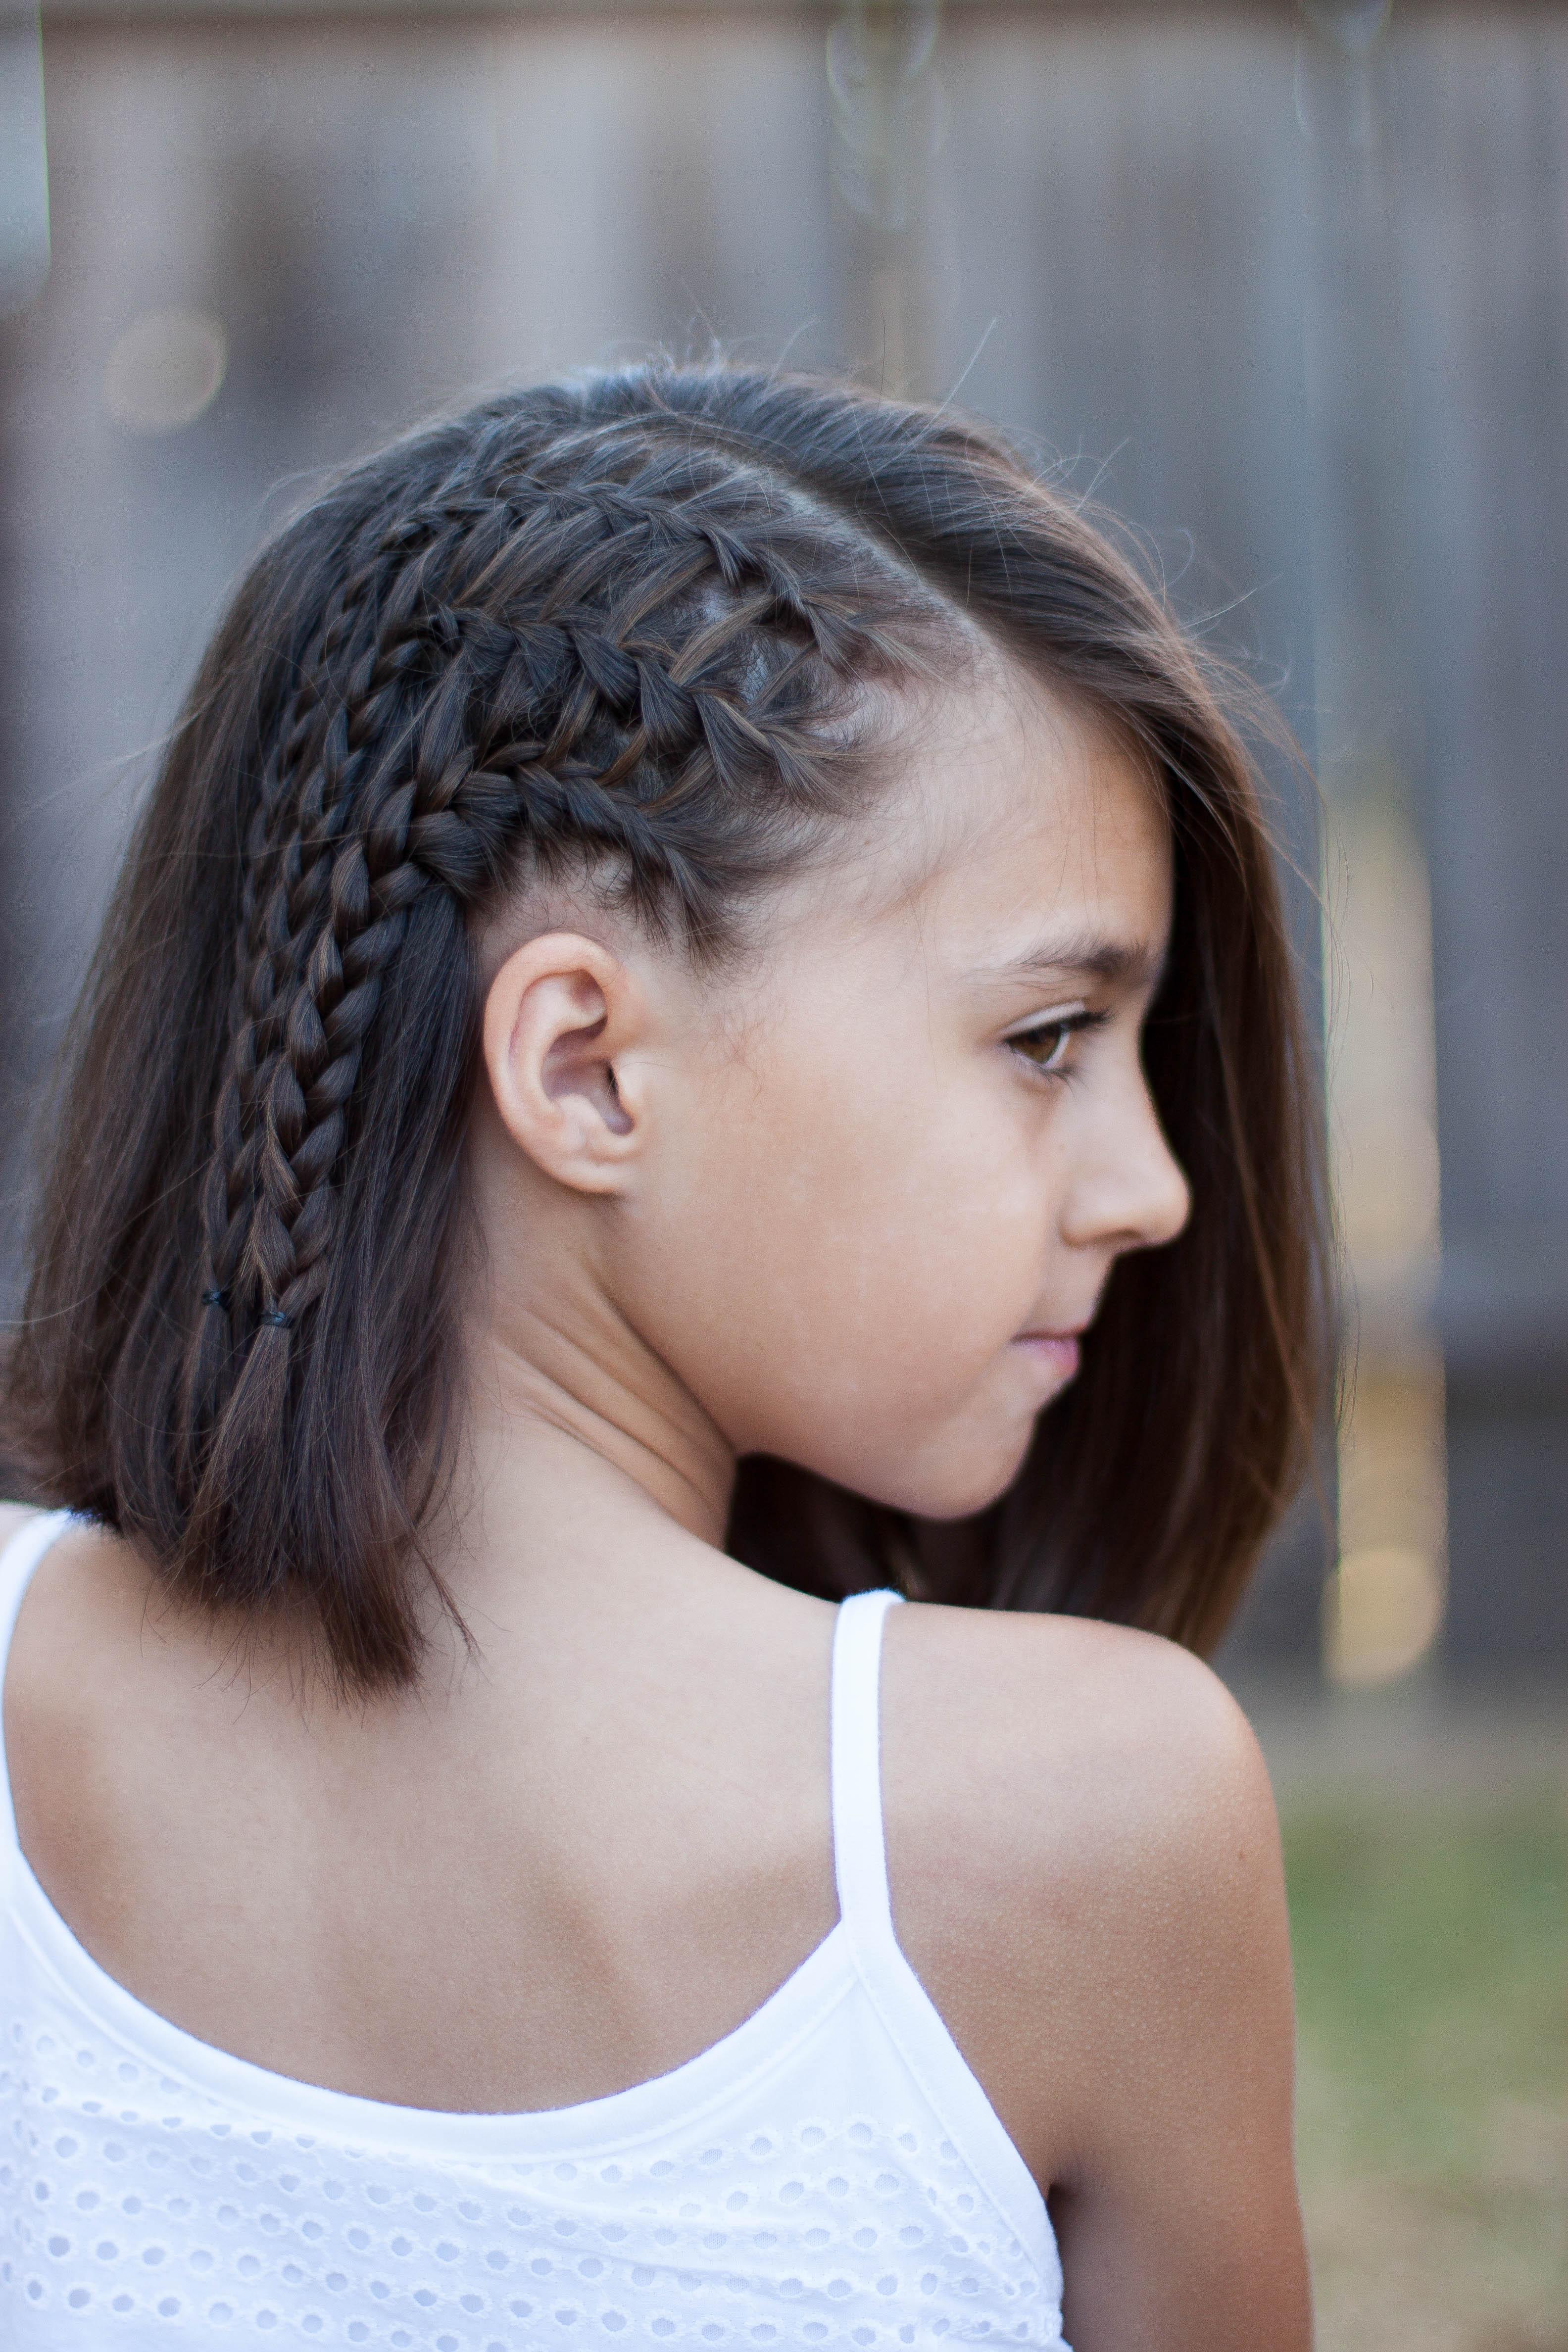 5 Braids For Short Hair | Cute Girls Hairstyles Regarding Cute Hairstyles For Shorter Hair (View 11 of 25)